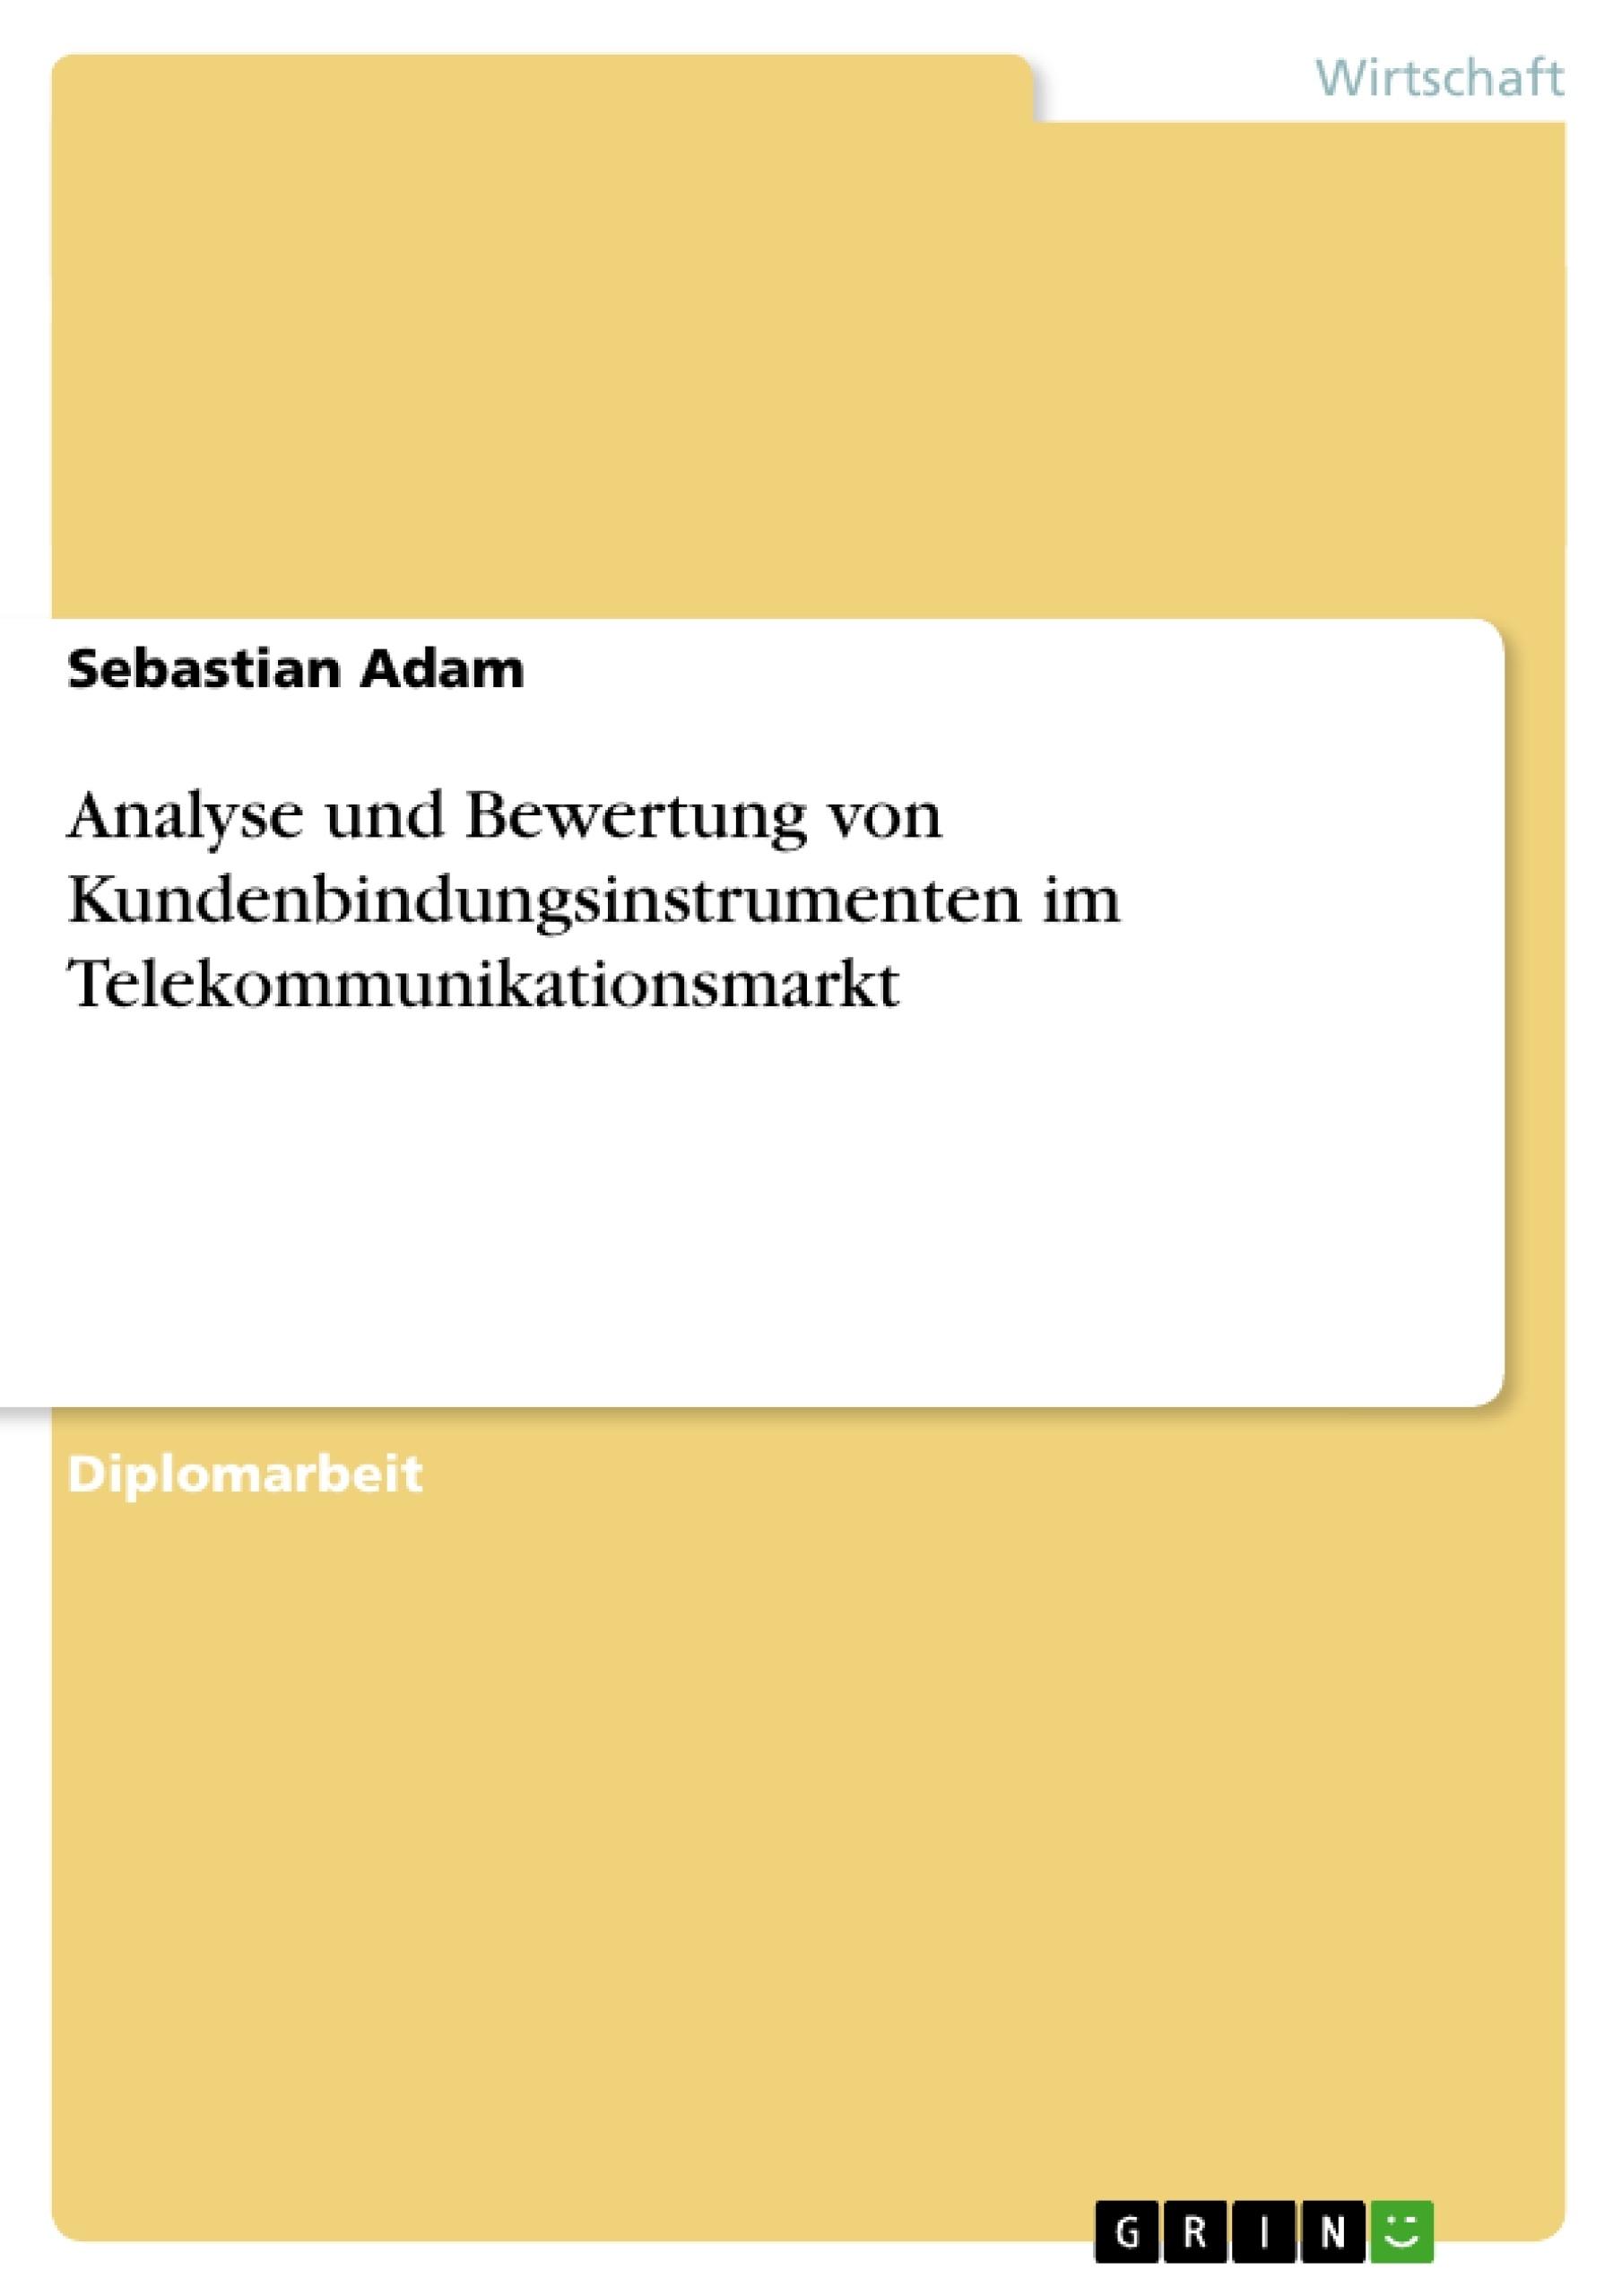 Titel: Analyse und Bewertung von Kundenbindungsinstrumenten im Telekommunikationsmarkt